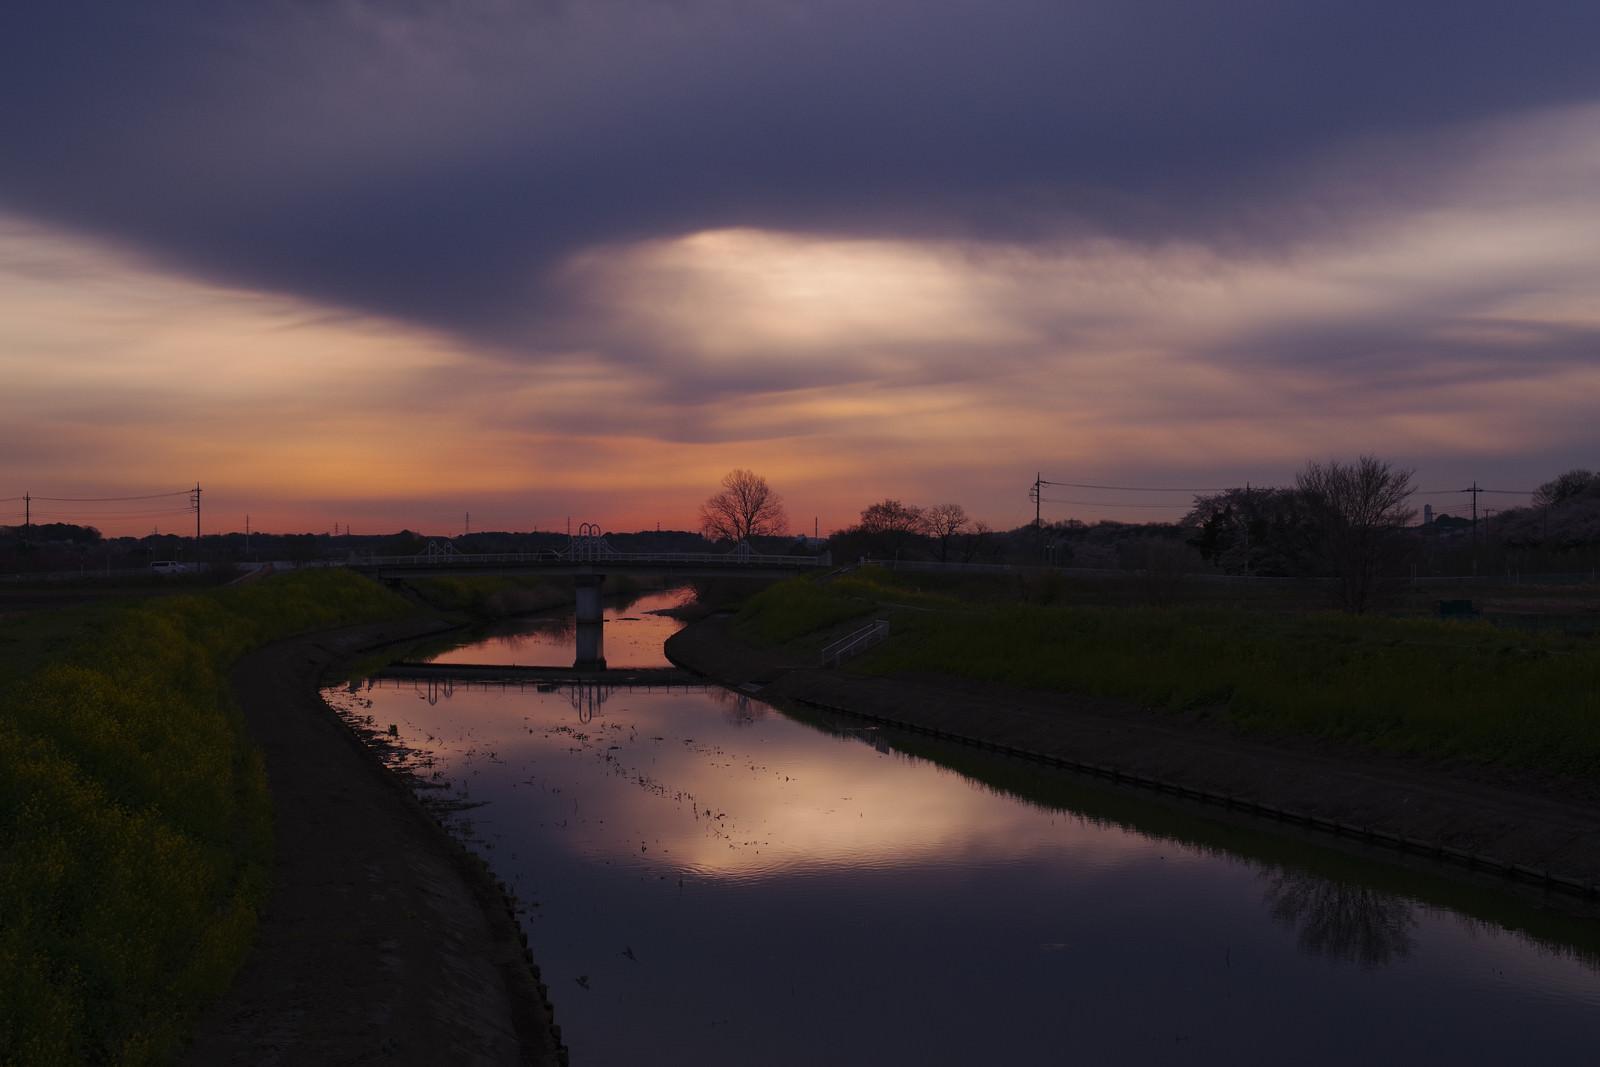 「不穏な朝の光を反射する見沼田んぼの芝川」の写真